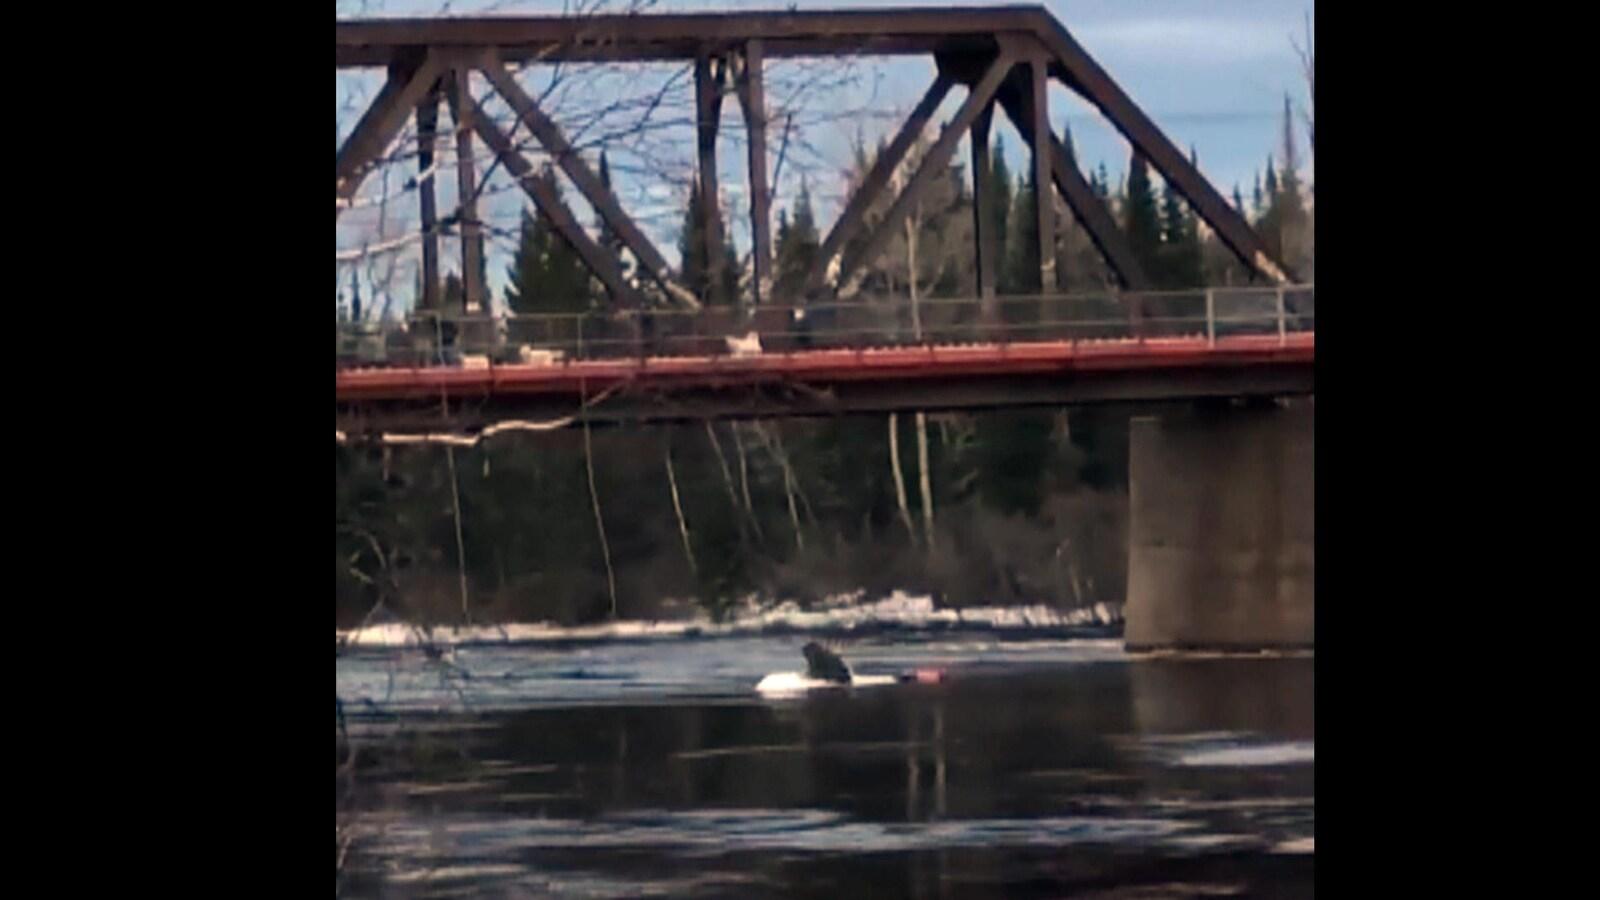 Homme sur un bateau renversé dans la rivière